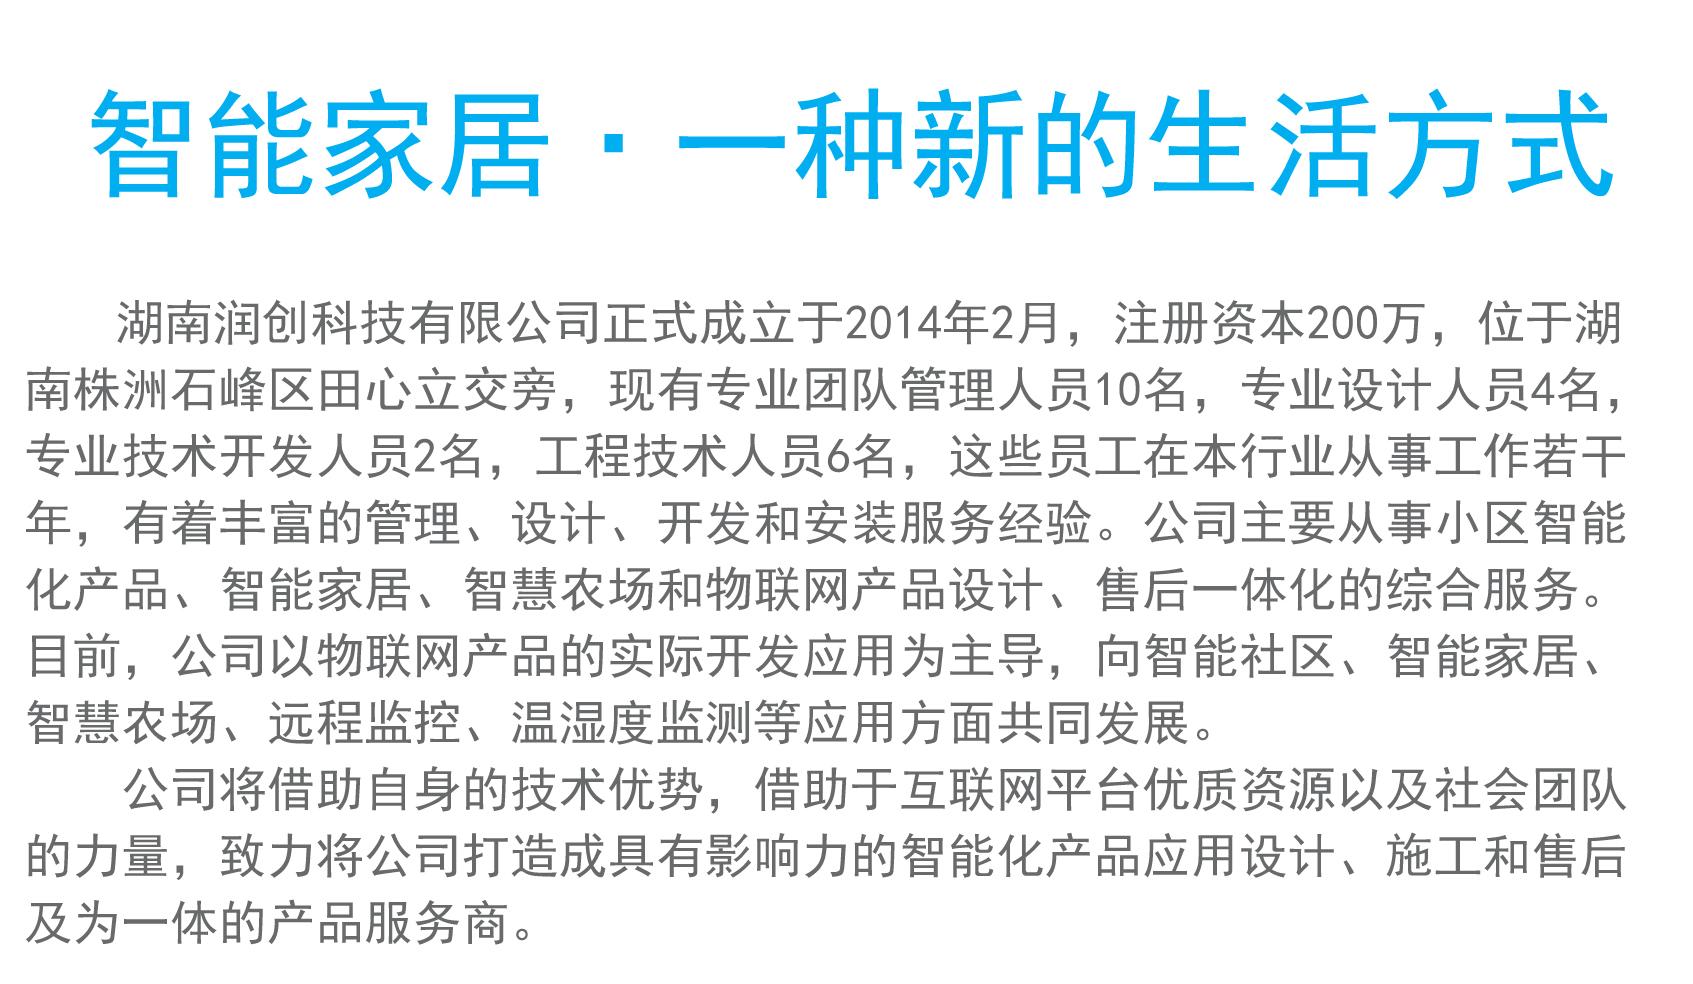 株洲龙8娱乐登录,株洲影音中控,株洲语音小管家,株洲多功能面板,